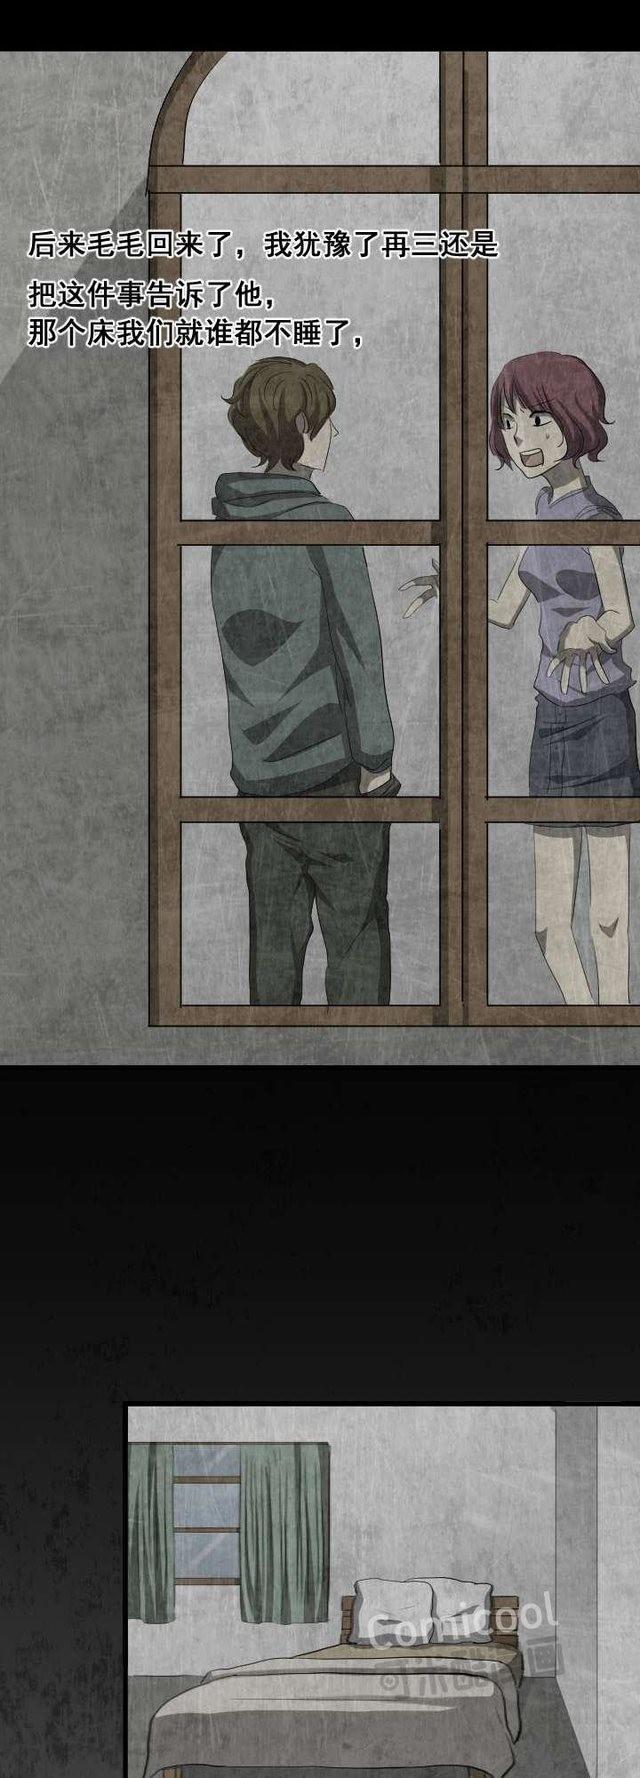 恐怖影子《漫画鬼》-搜狐漫画h日本3d图片